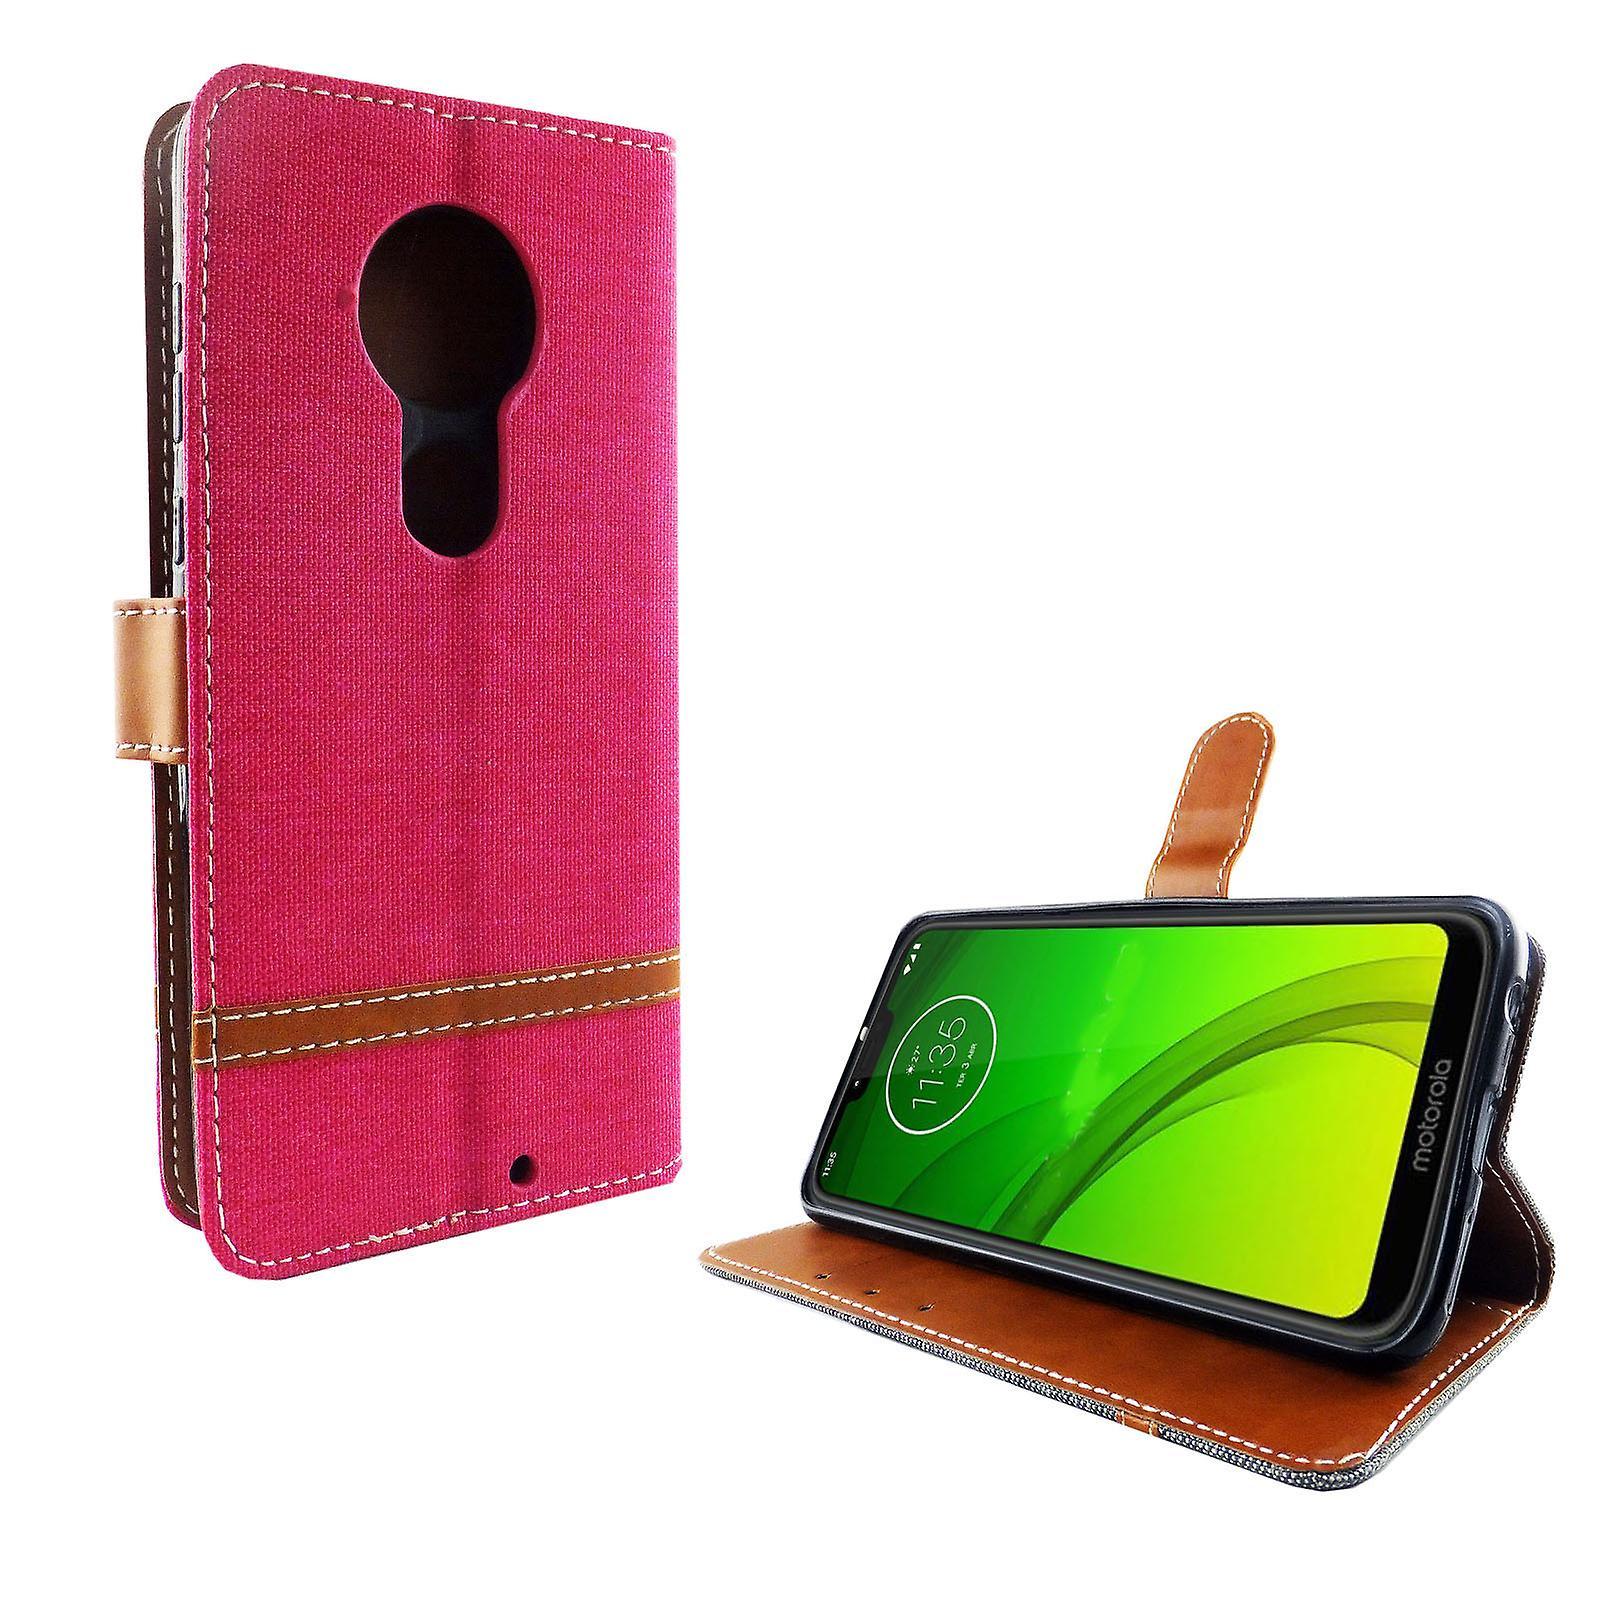 Motorola Moto G7 mobiltelefon case skyddande väska fallet täcker fack påse plånbok rosa